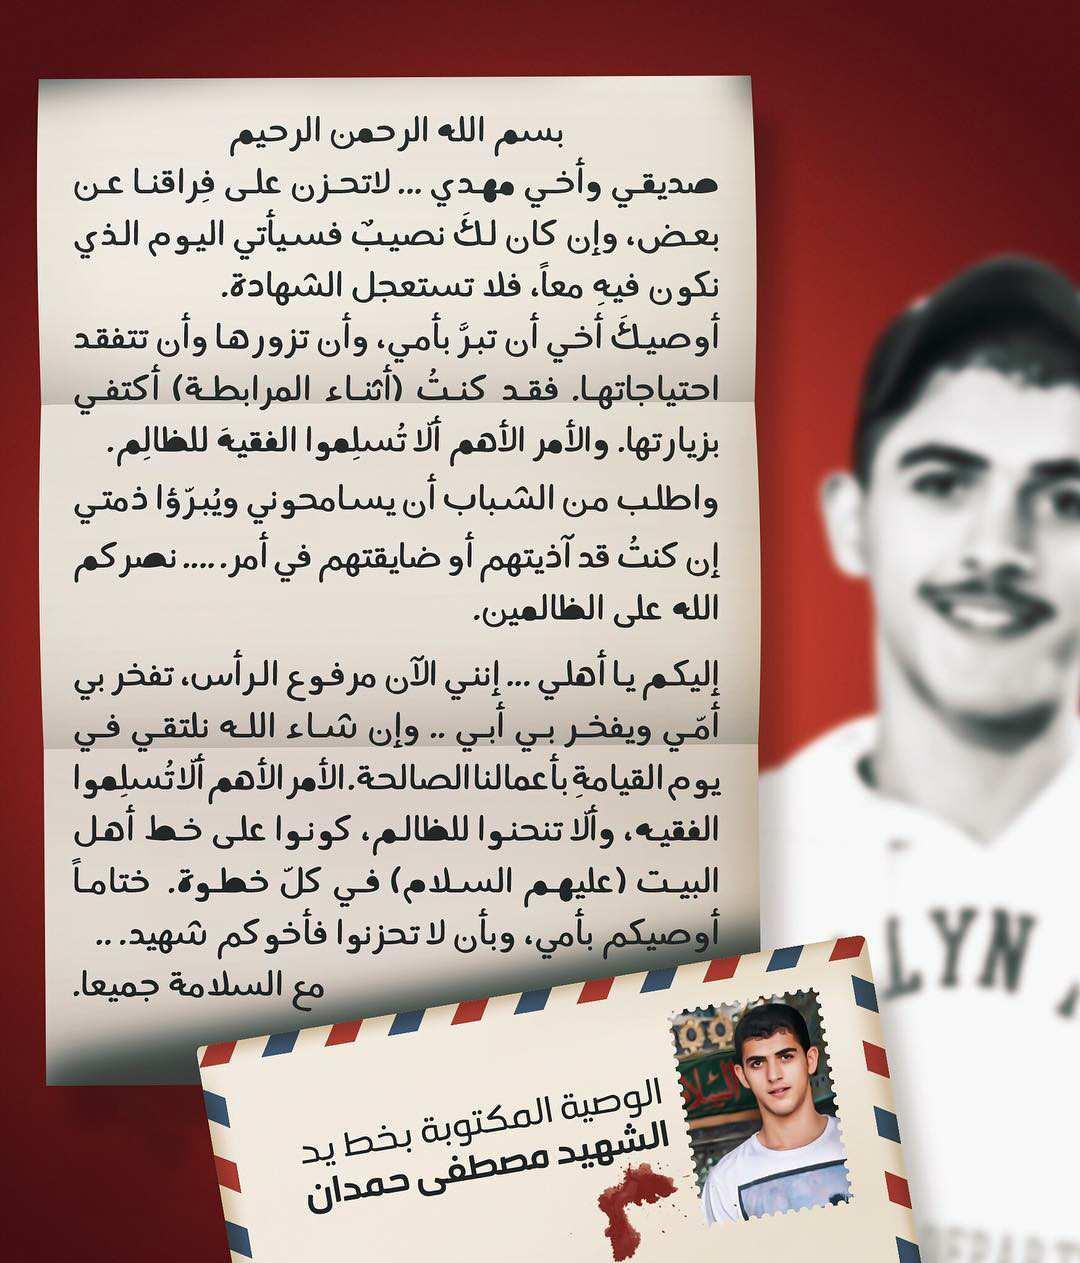 وصيّة شهيد الفداء «مصطفى حمدان» تفوح إيمانًا ومقاومةً